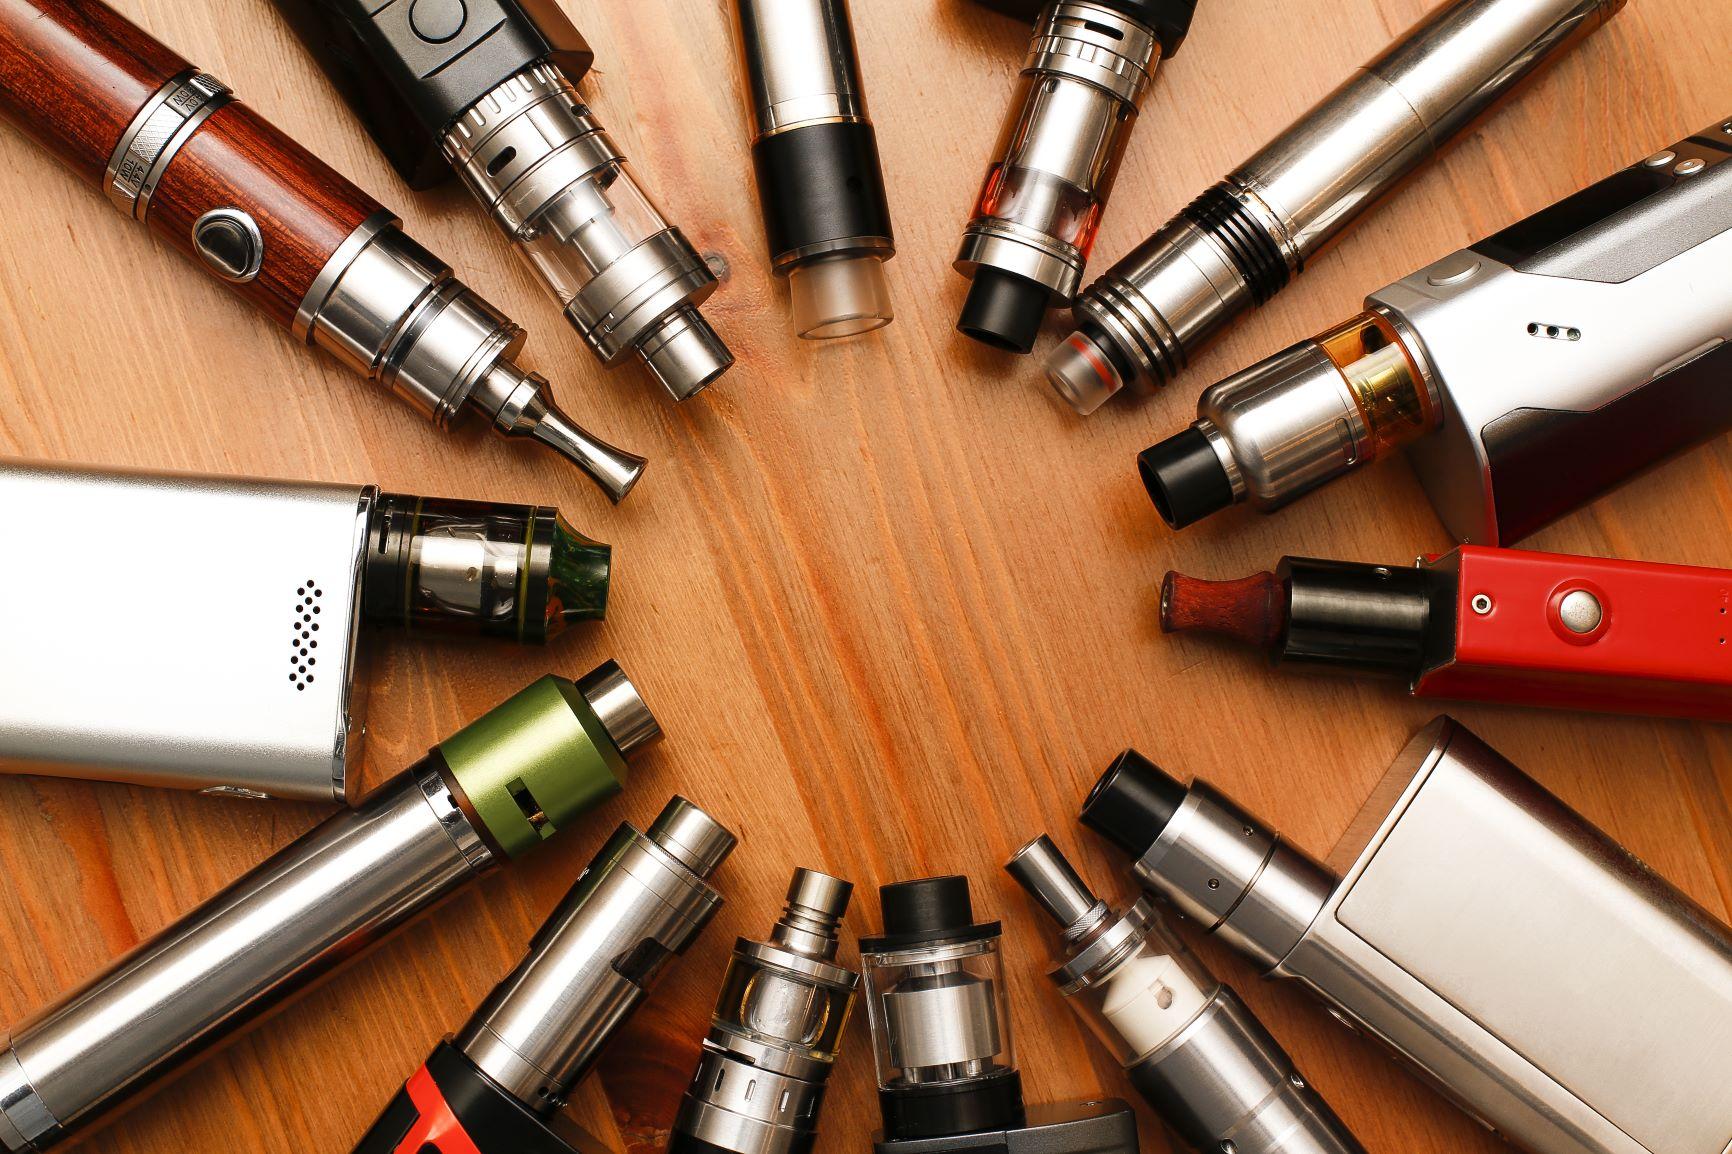 «Πράσινη» συνεργασία British American Tobacco-Nobacco για 500 τόνους υλικών προς ανακύκλωση